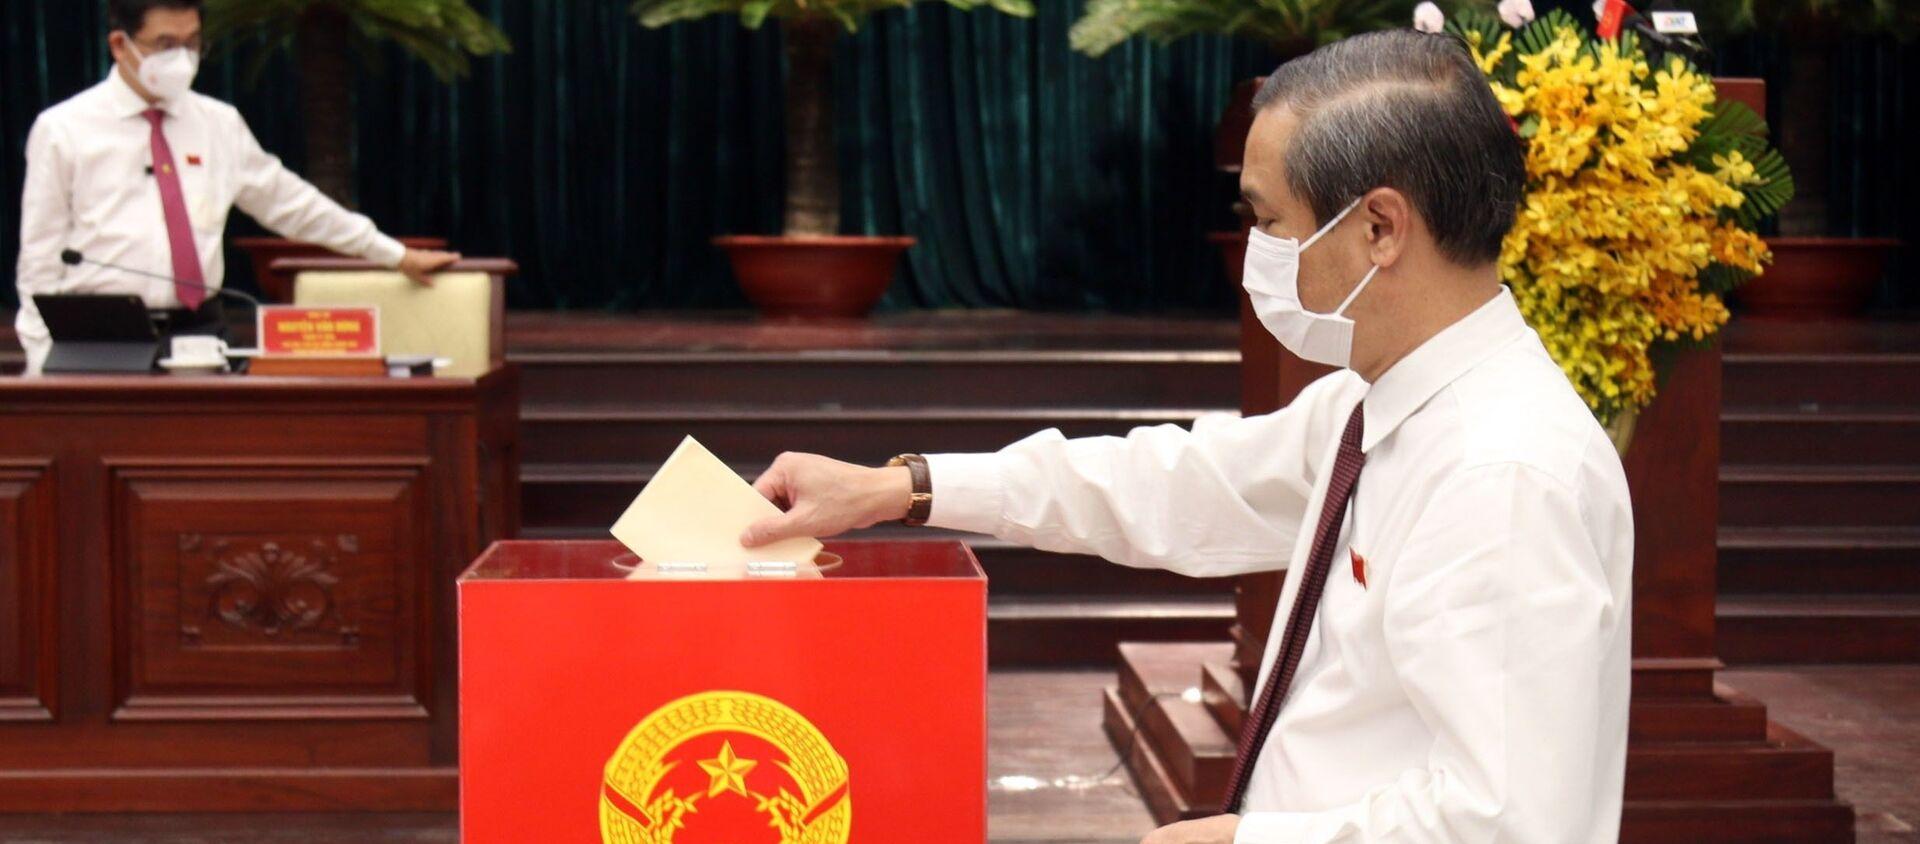 Các đại biểu bỏ phiếu bầu nhân sự Hội đồng nhân dân Thành phố khóa X, nhiệm kỳ 2021-2026. - Sputnik Việt Nam, 1920, 24.06.2021